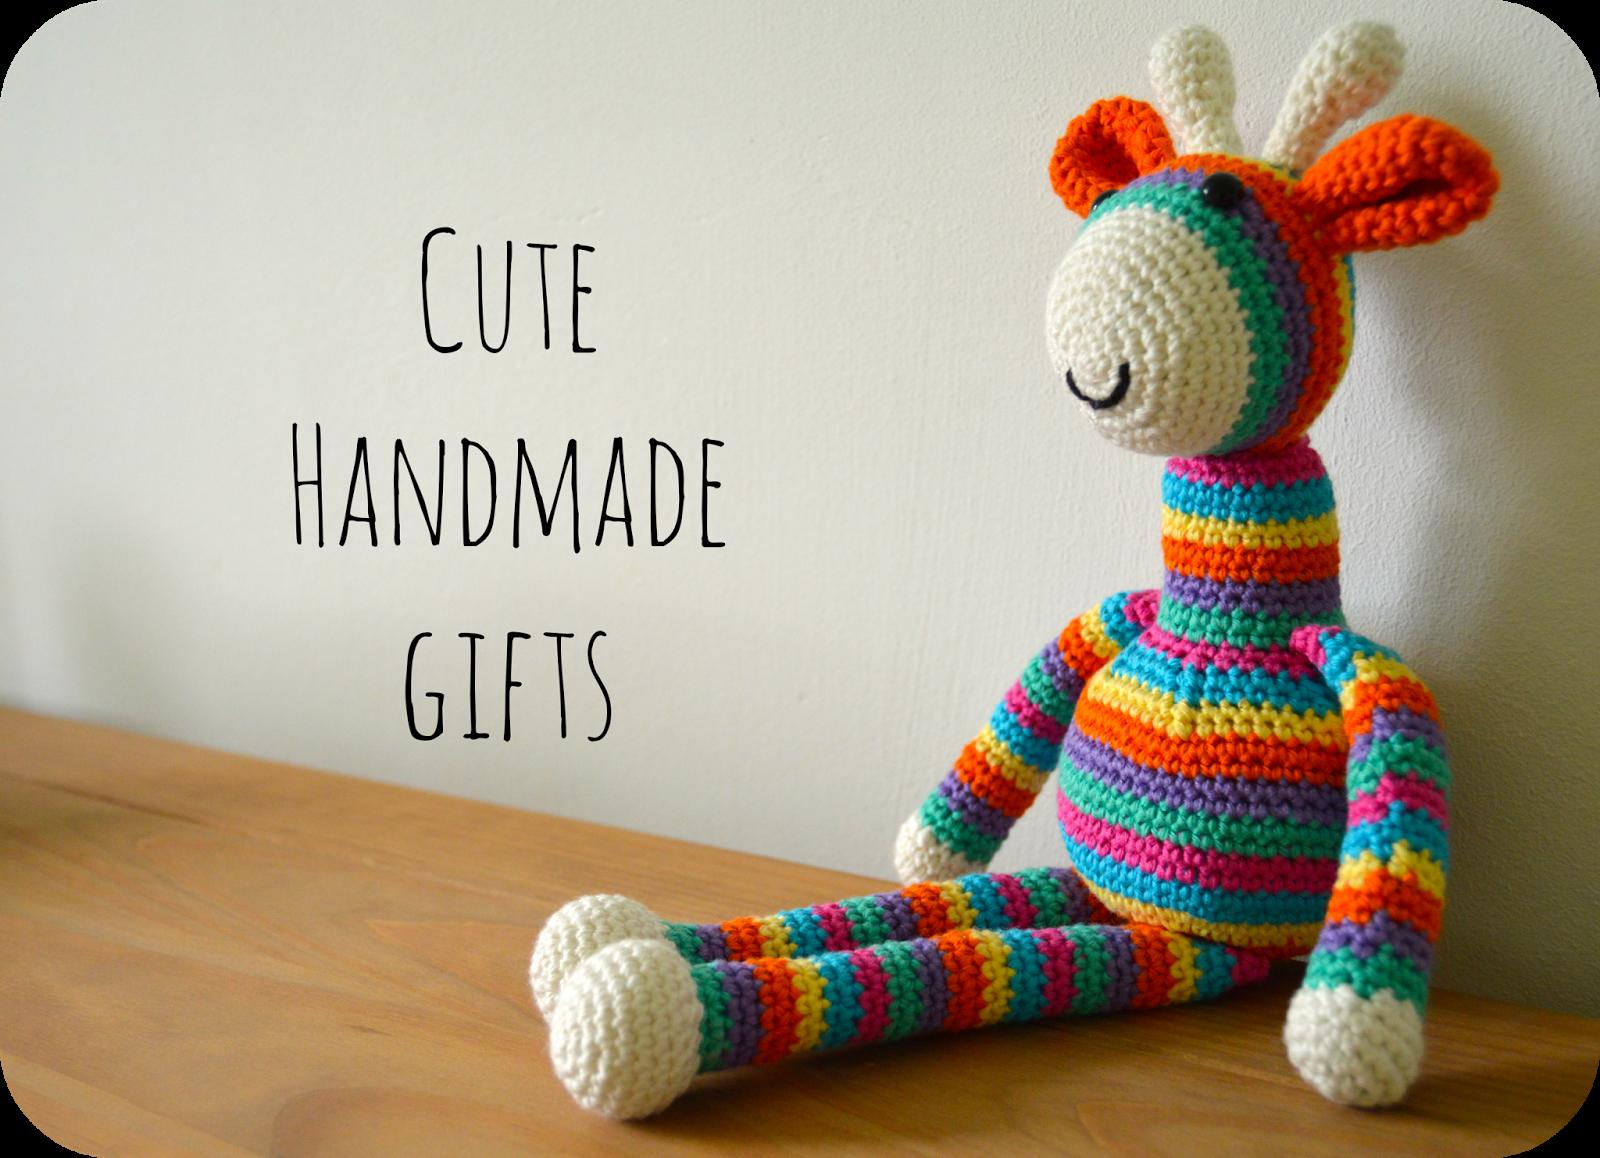 Handmade своими руками это